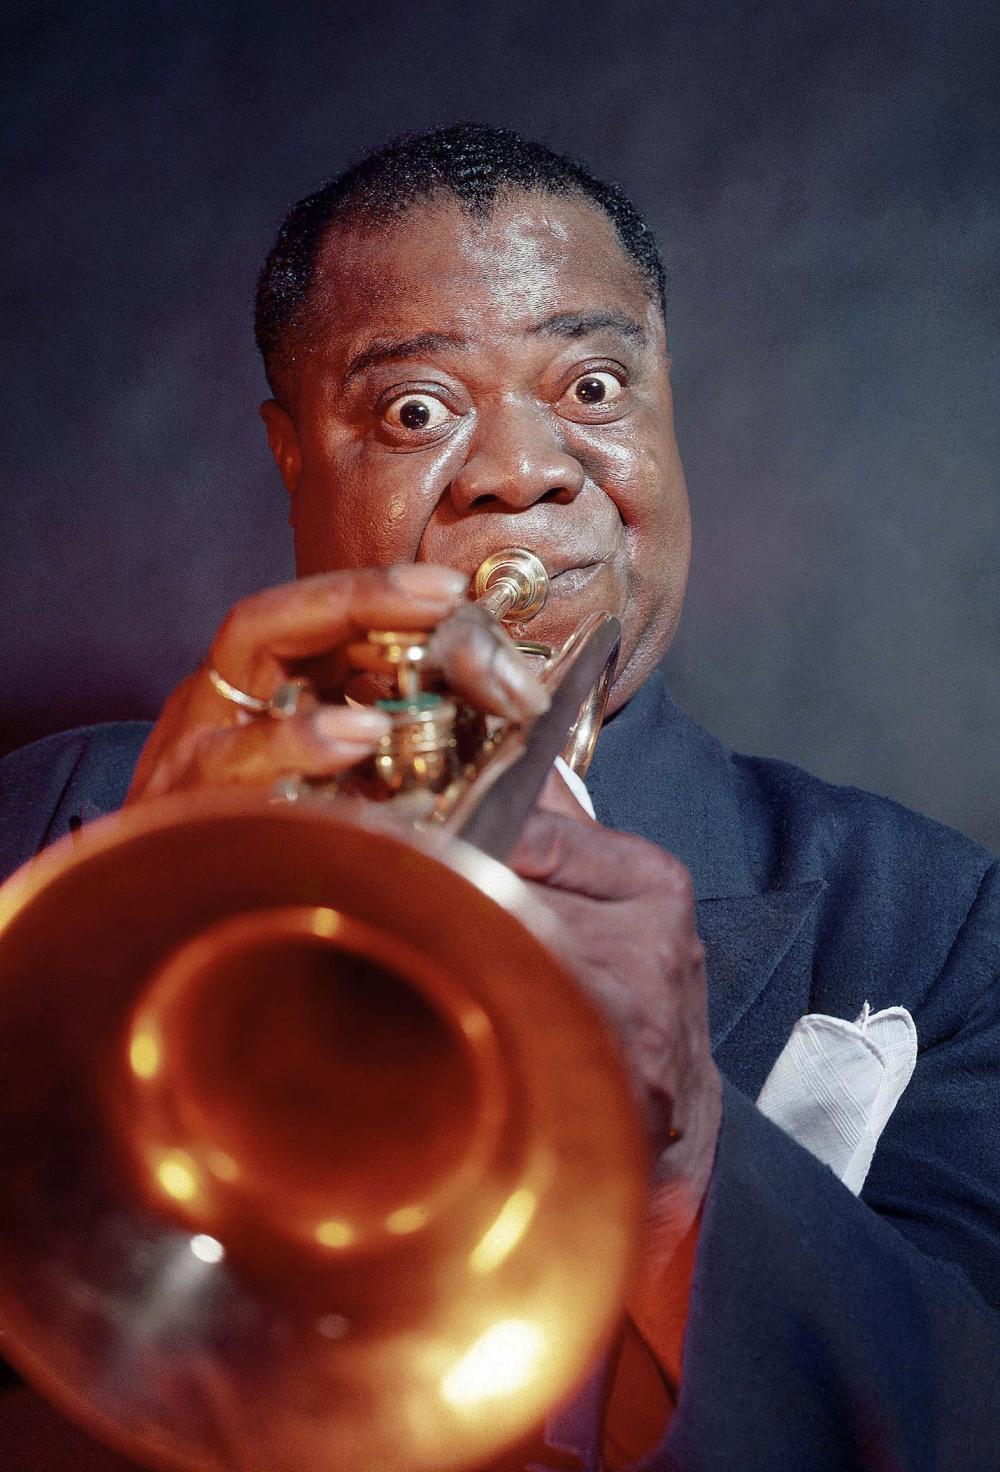 Eliot ELISOFON (1911-1973) Louis Armstrong jouant de la trompette. Etats-Un